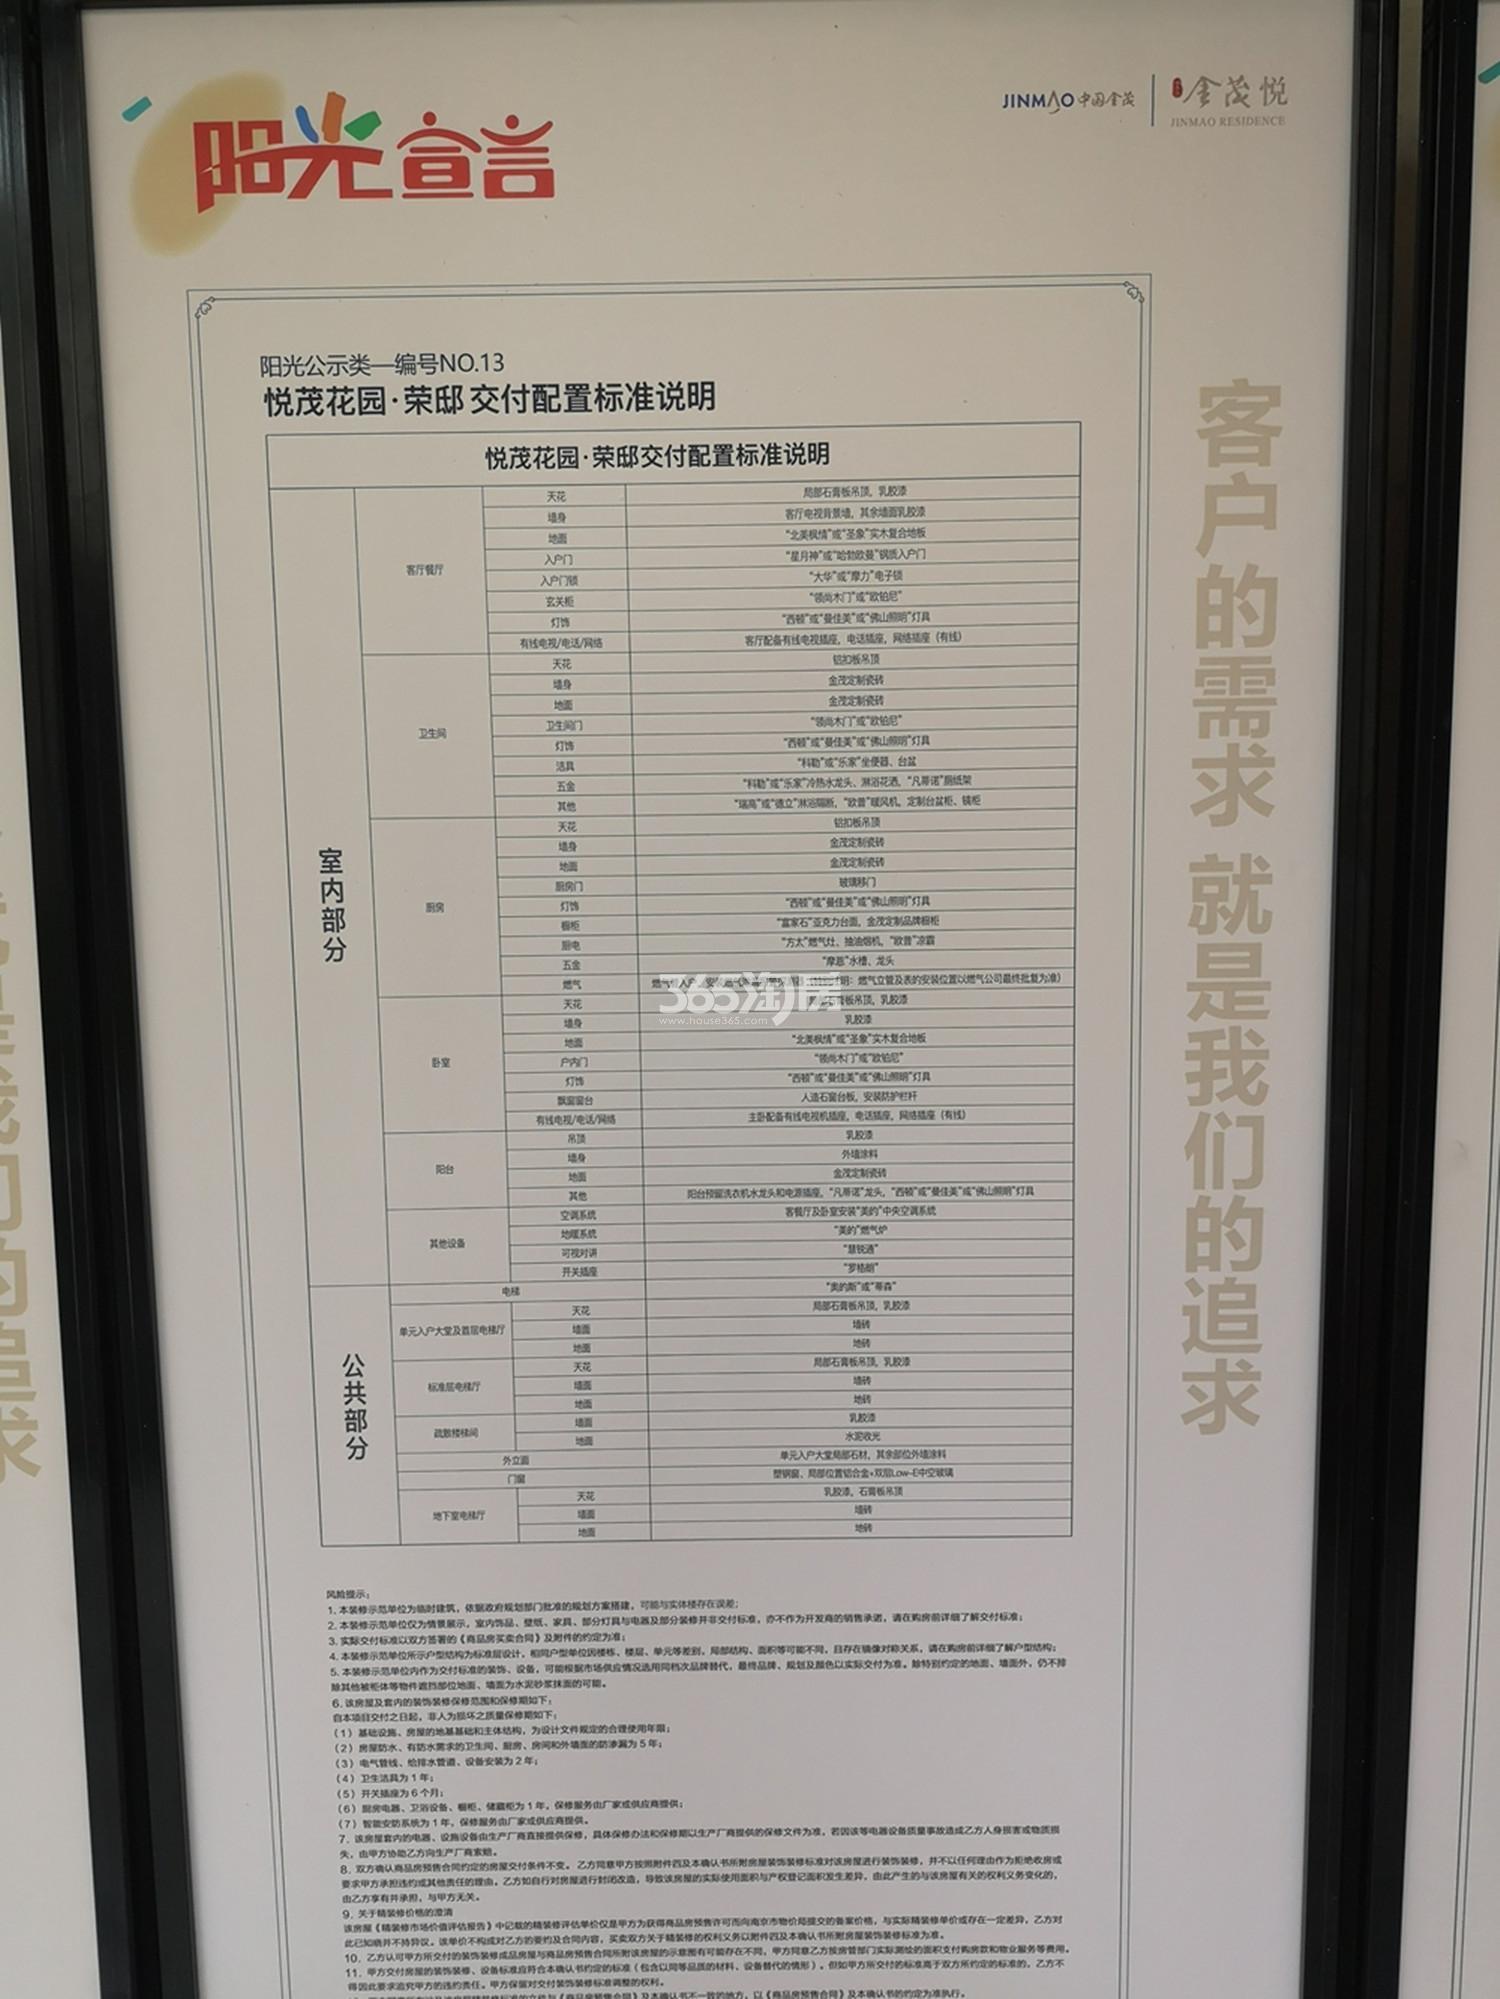 扬子江金茂悦C6地块装修标准公示